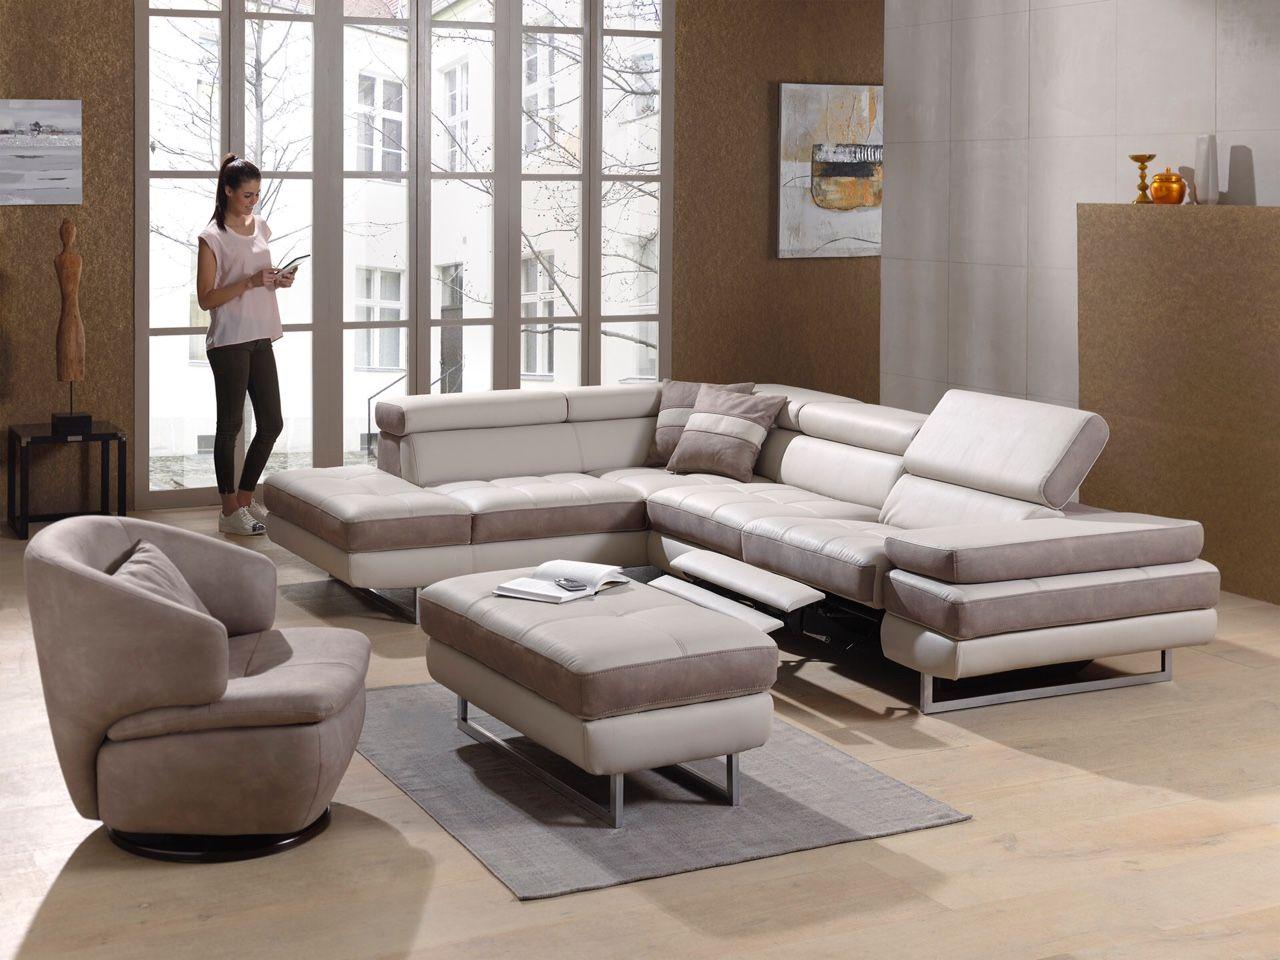 Un Canape Confortable Pour Un Moment De Detente Unique Avec Images Canape Confortable